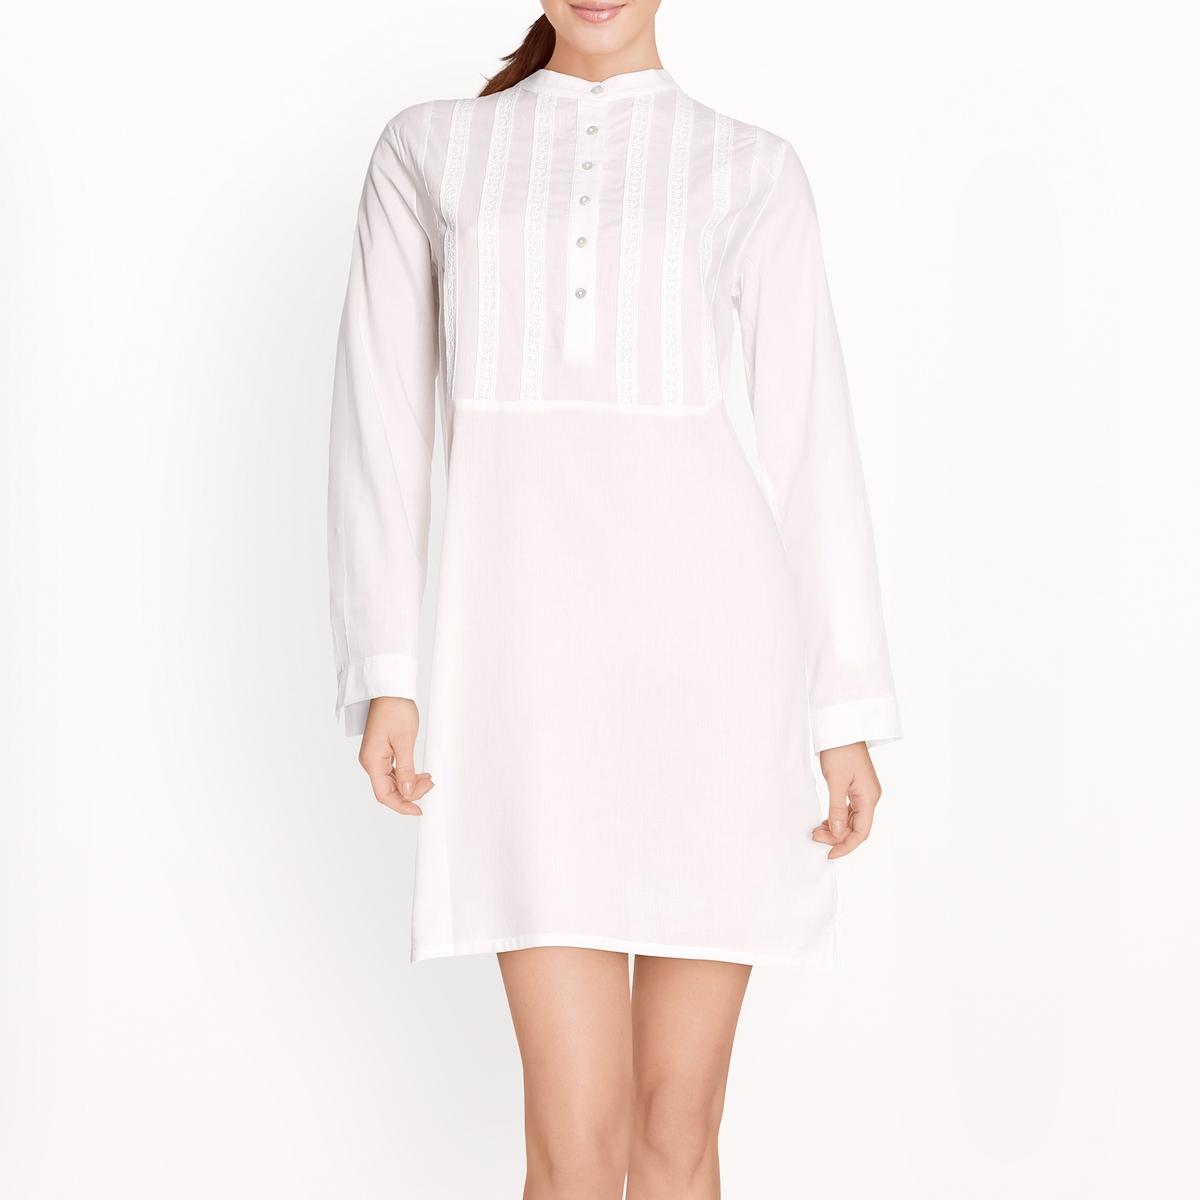 Сорочка ночная со вставкой с вышивкой